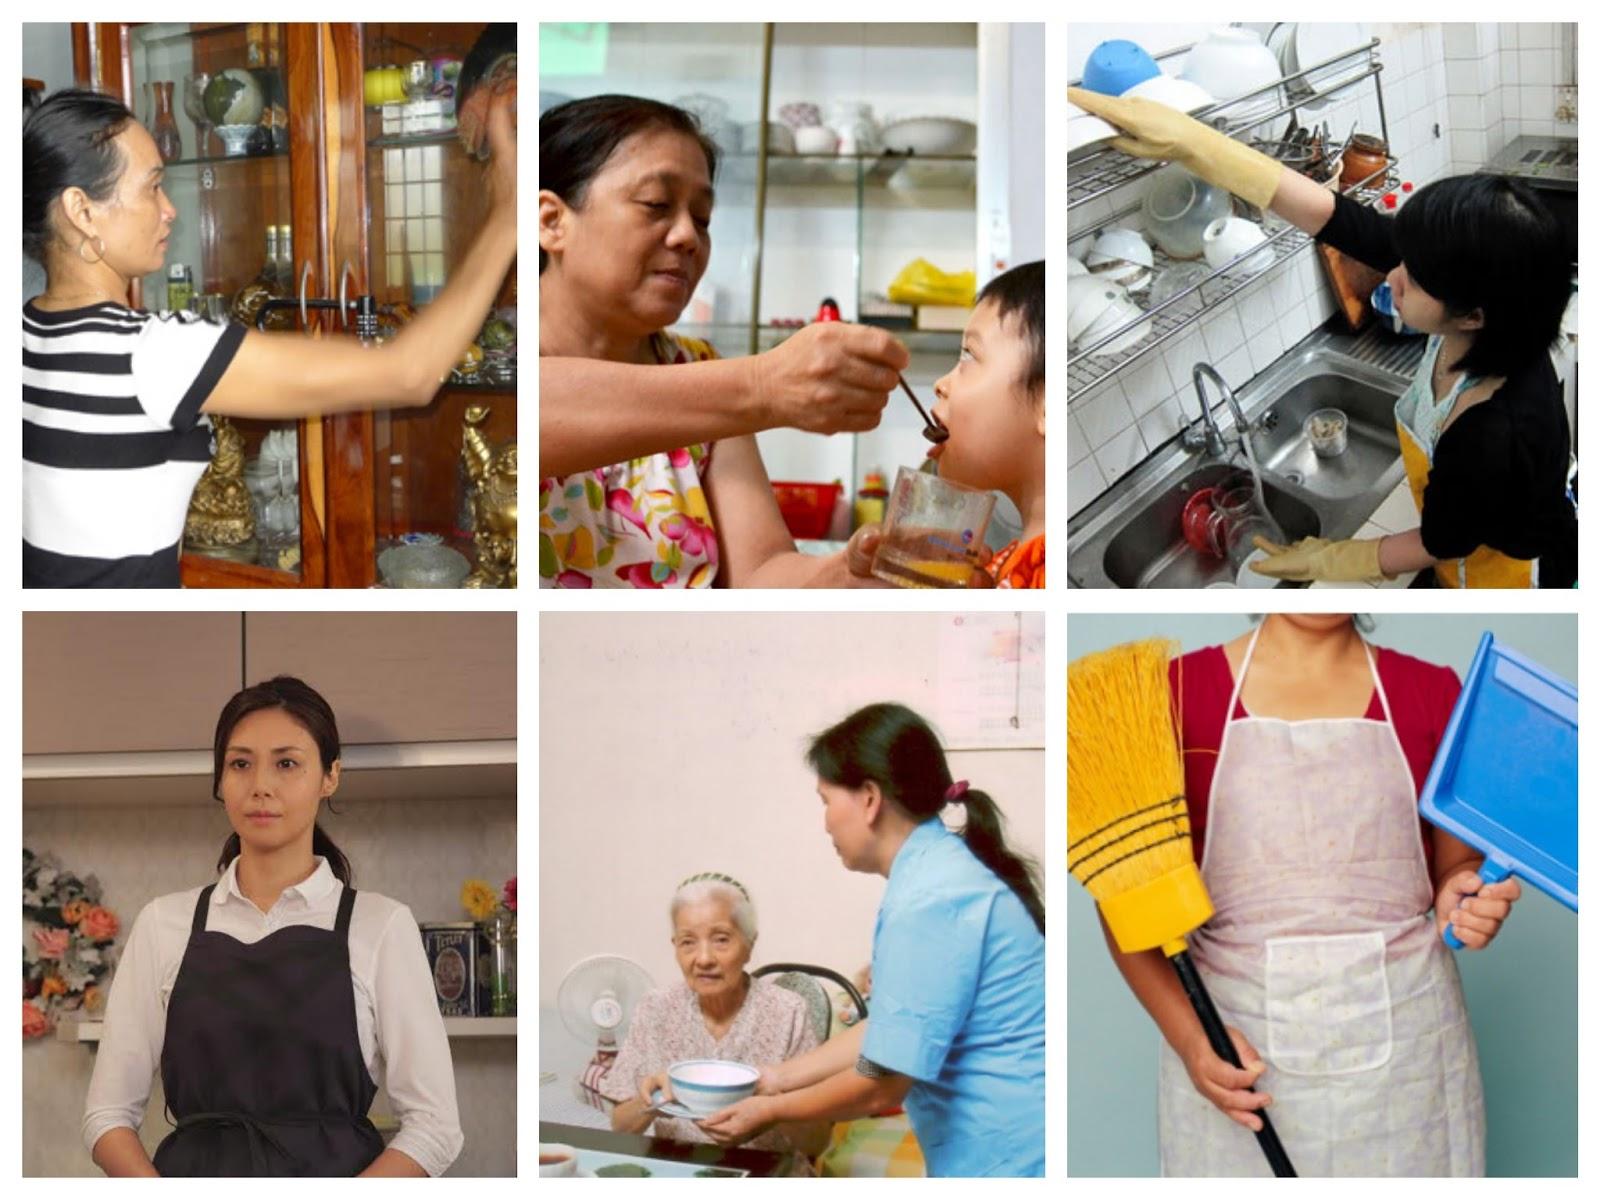 [xkldquocte] Xuẩt khẩu lao động Đài Loan - Tiếp tục tuyển gấp đơn hàng nữ giúp việc gia đình - Đài Loan 2019